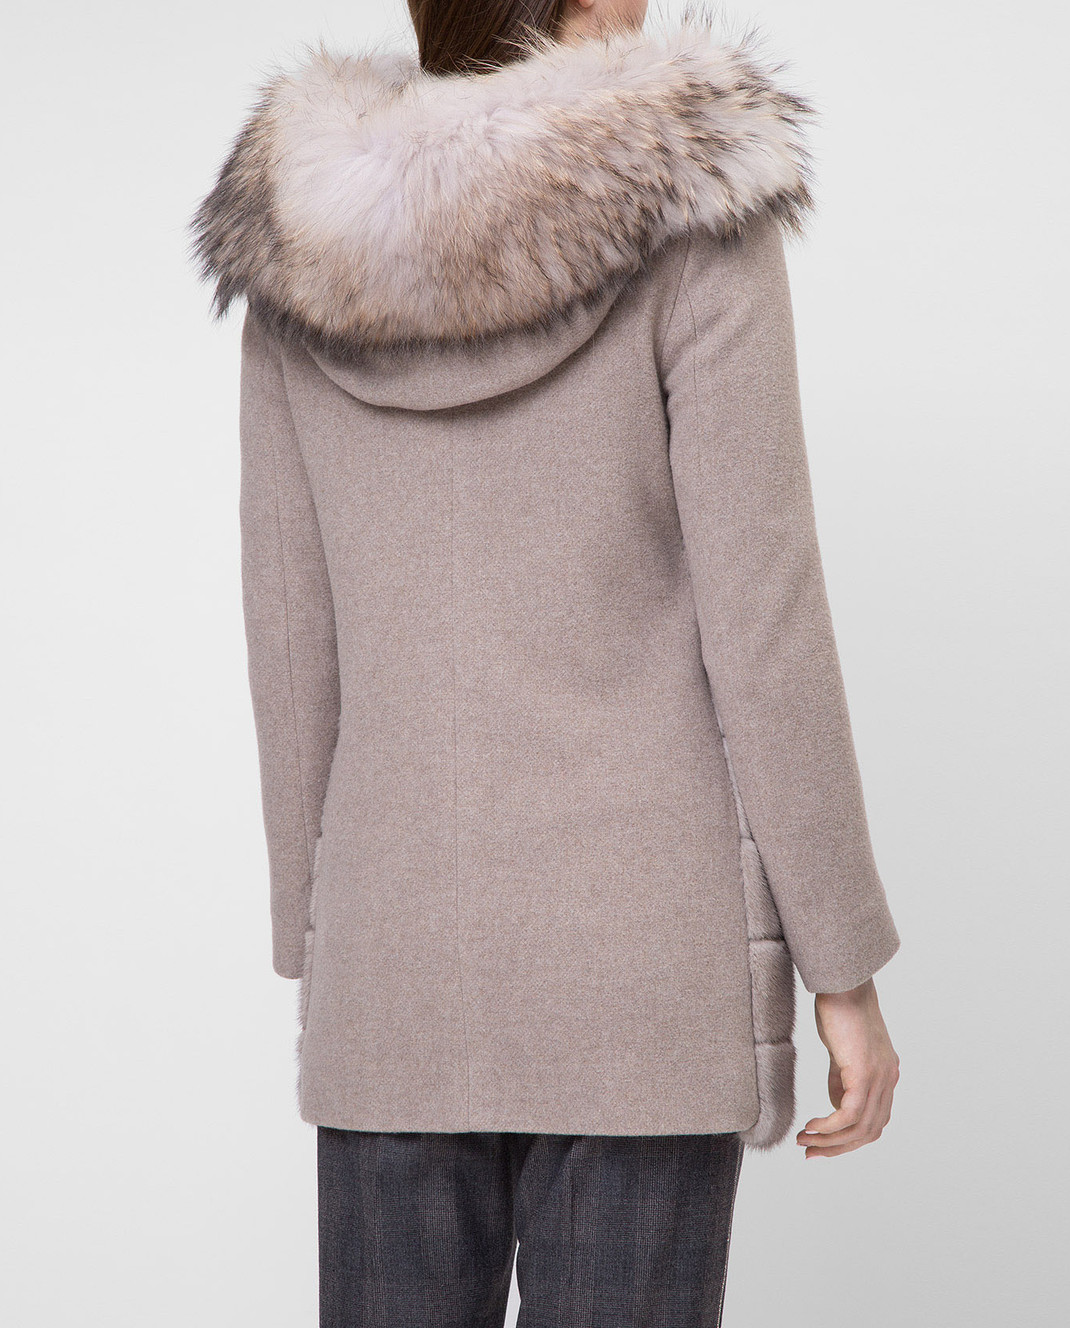 Real Furs House Бежевое пальто с мехом енота 922RFH изображение 4